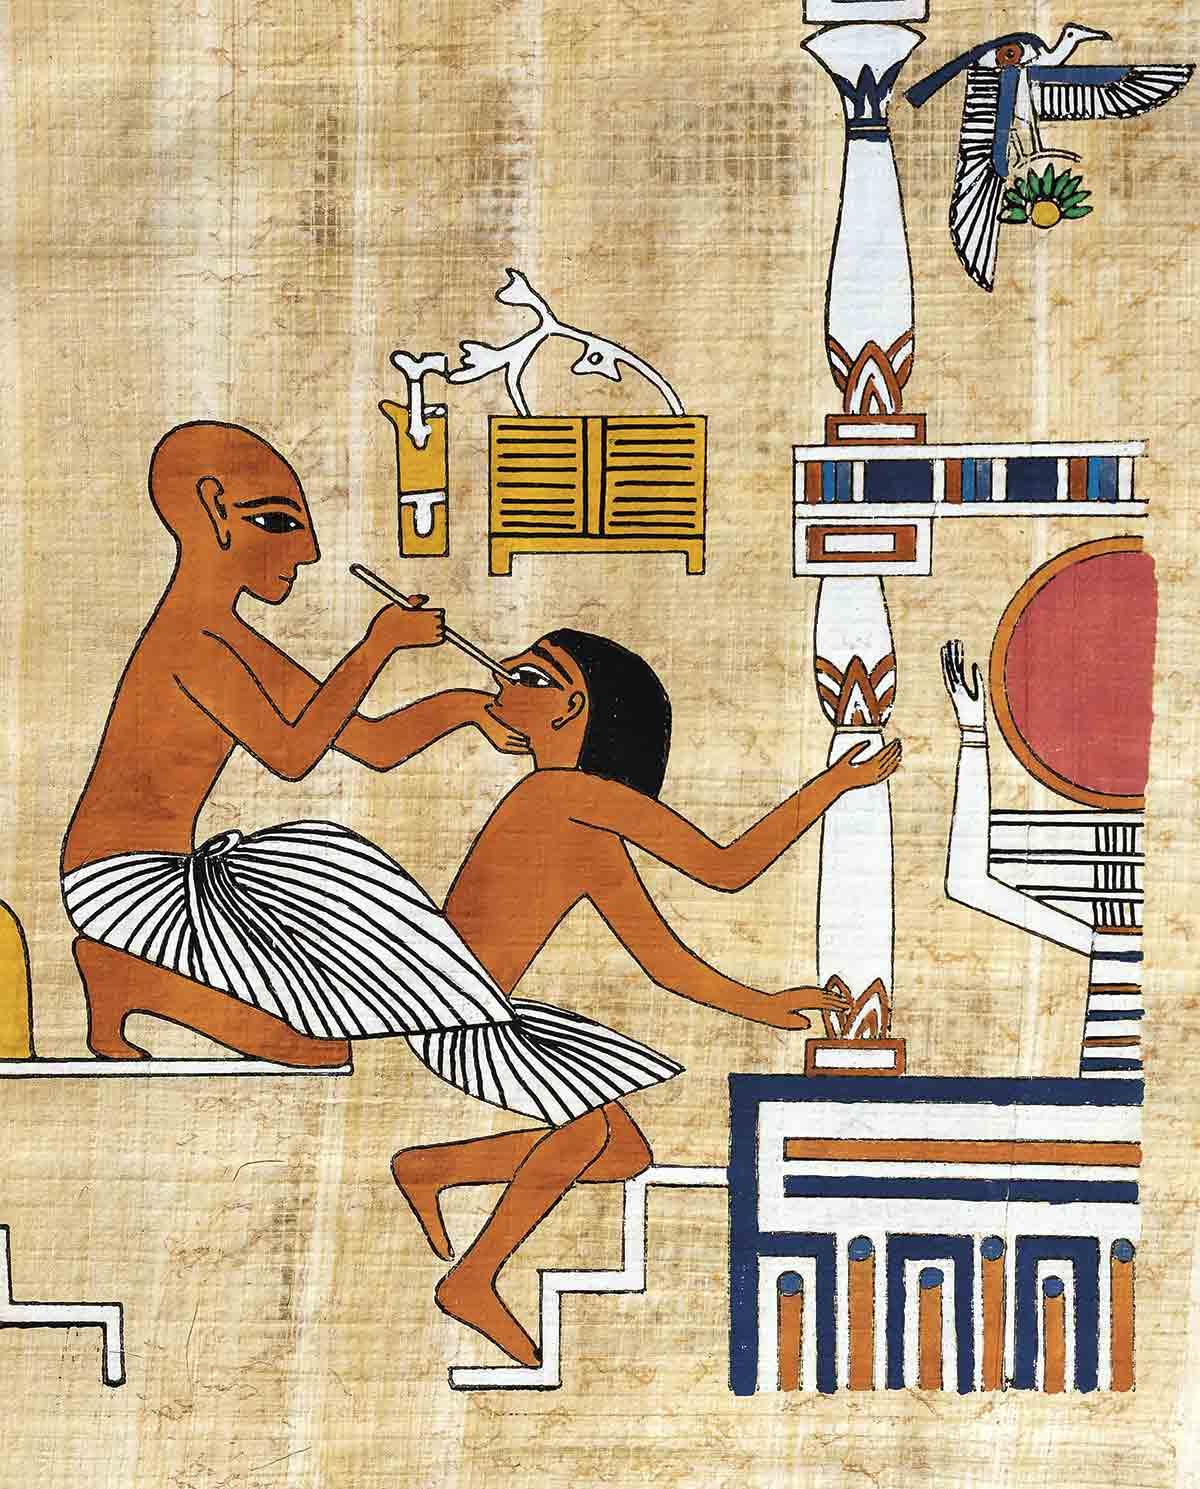 922041. Un médico cura el ojo a un paciente. Copia en papiro de una pintura mural